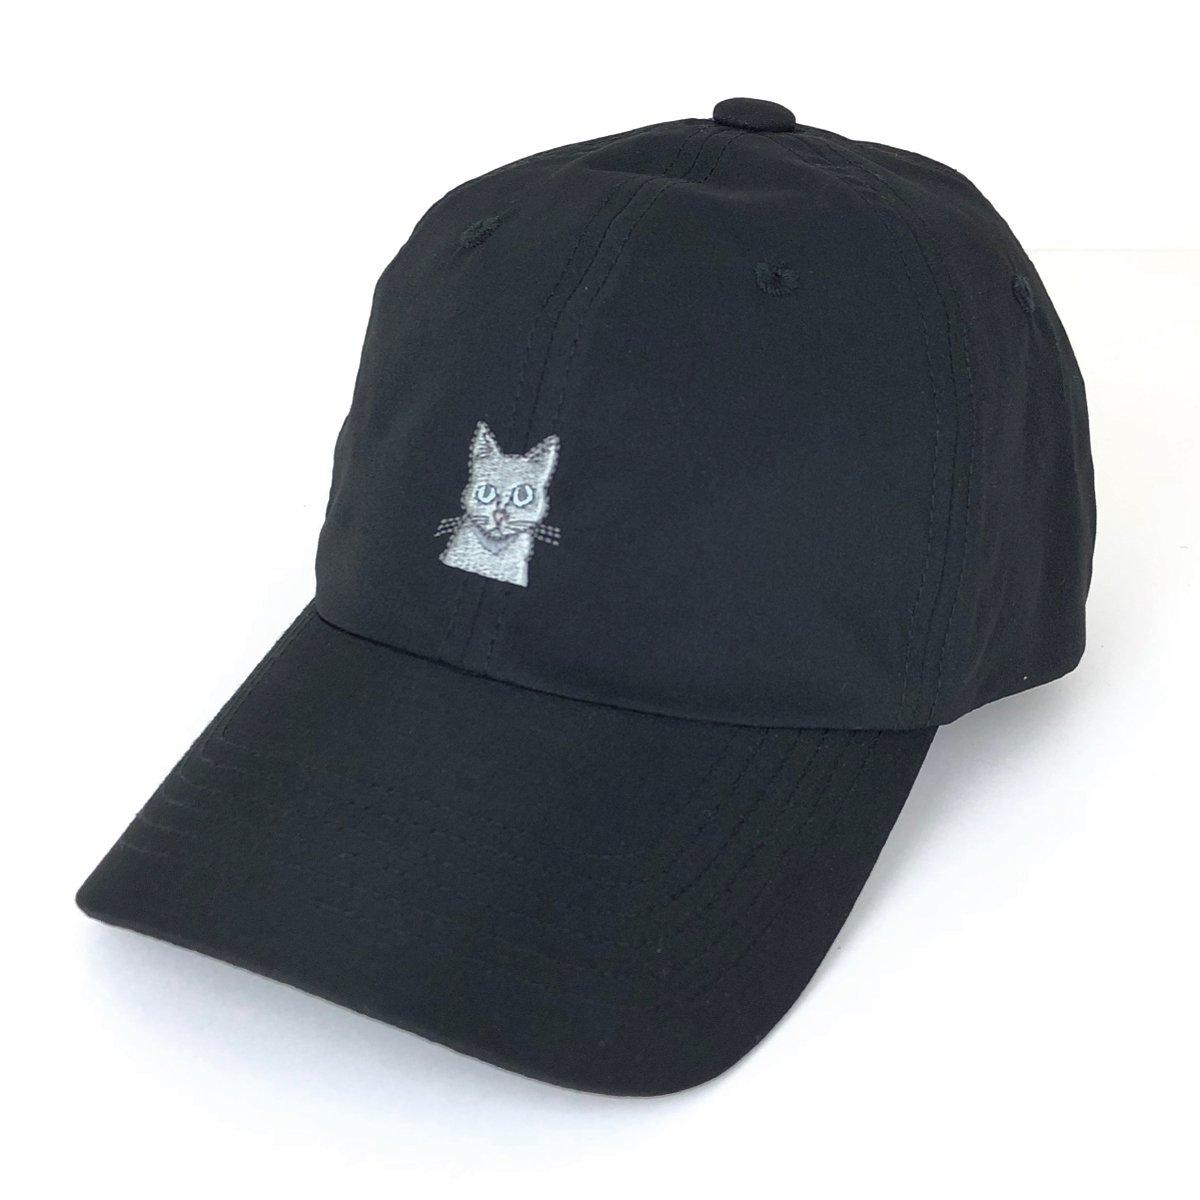 My Buddy Cat Cap 詳細画像2